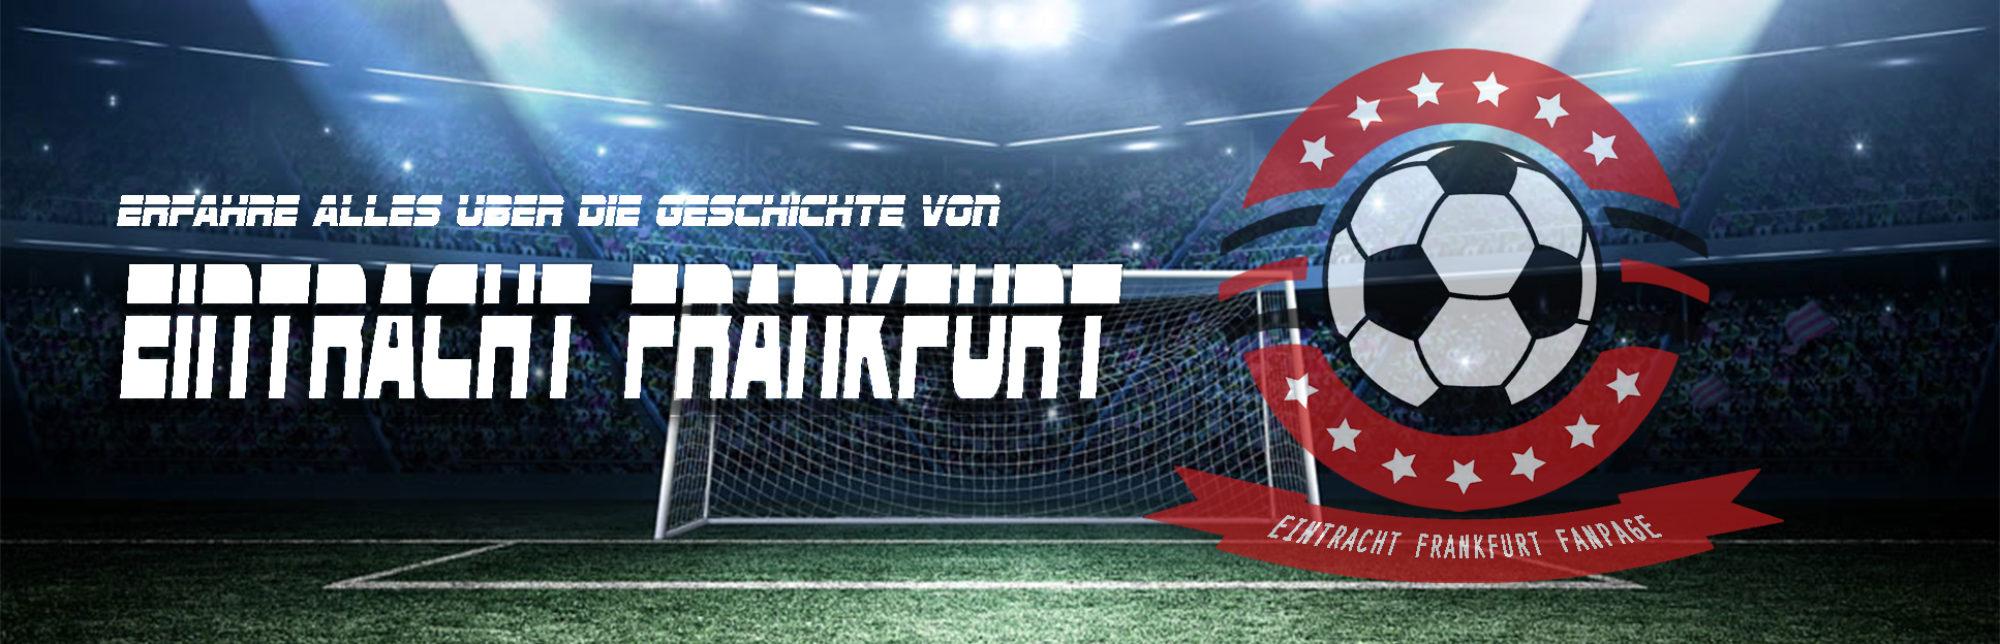 Erfahre alles über die Geschichte von Eintracht Frankfurt